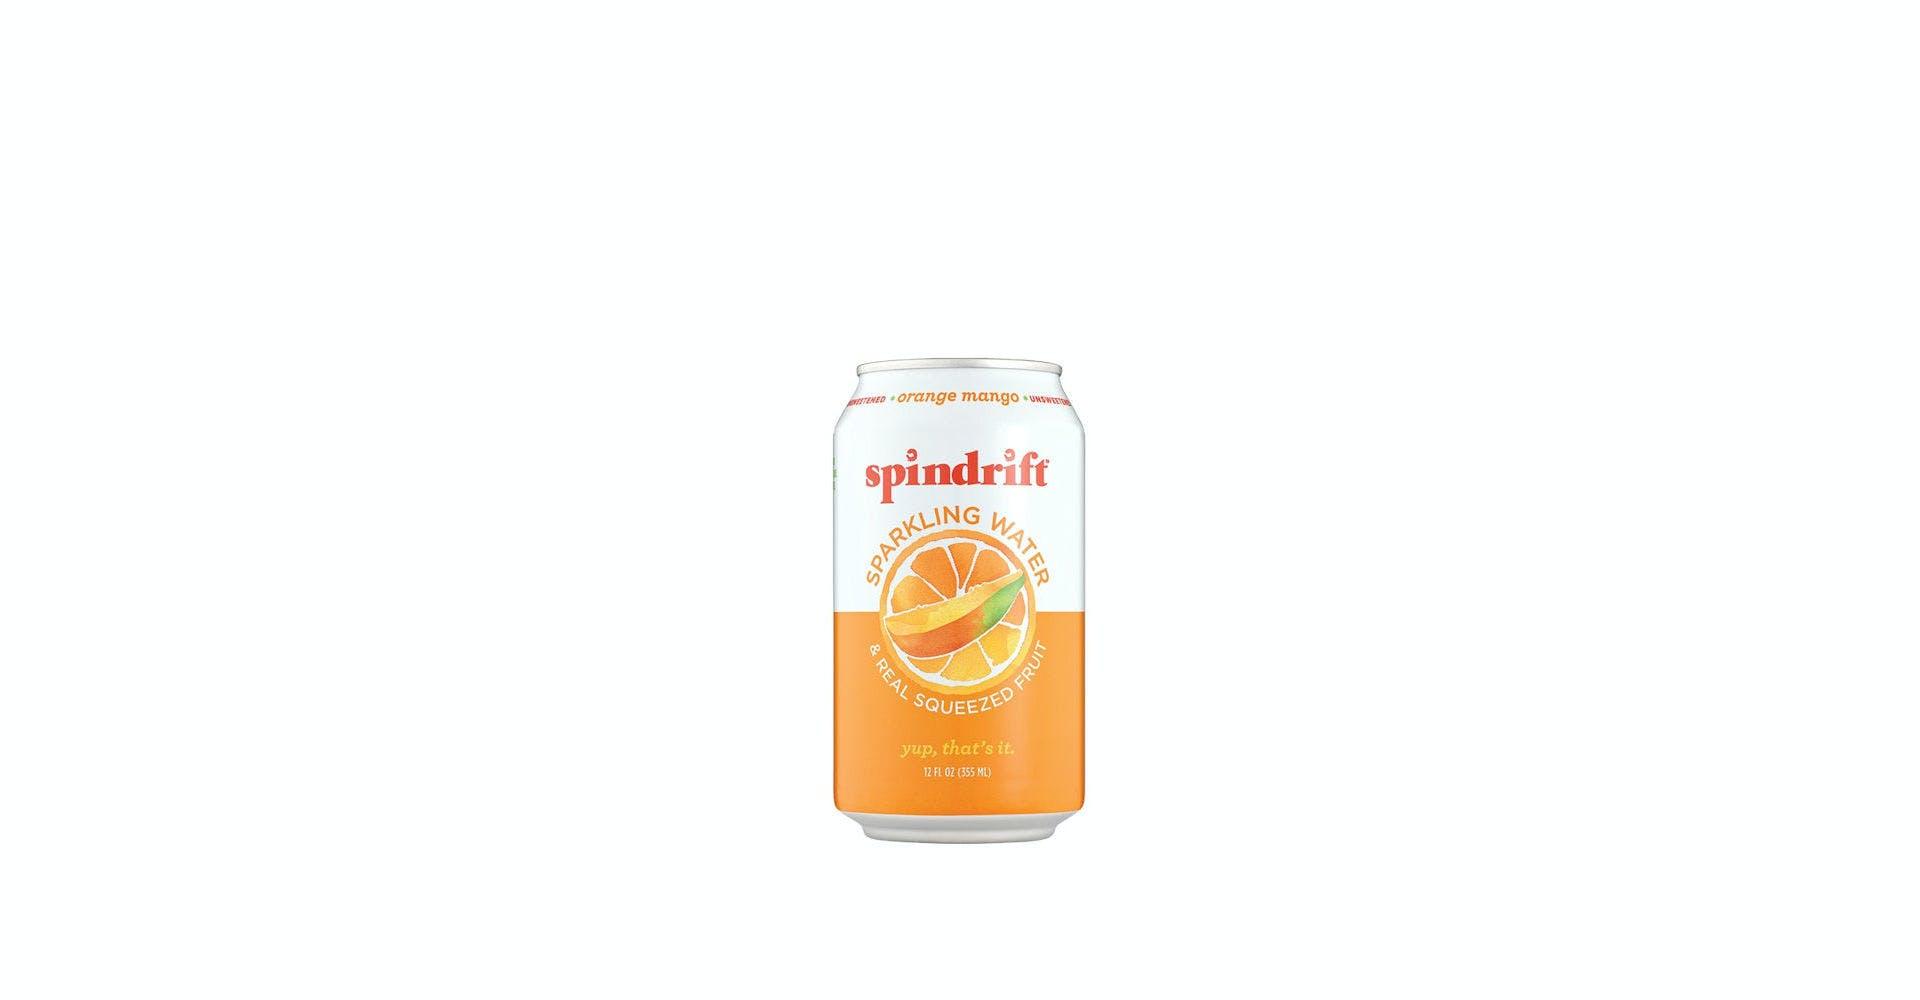 Spindrift Seltzer from Noodles & Company - Kenosha 118th Ave in Kenosha, WI